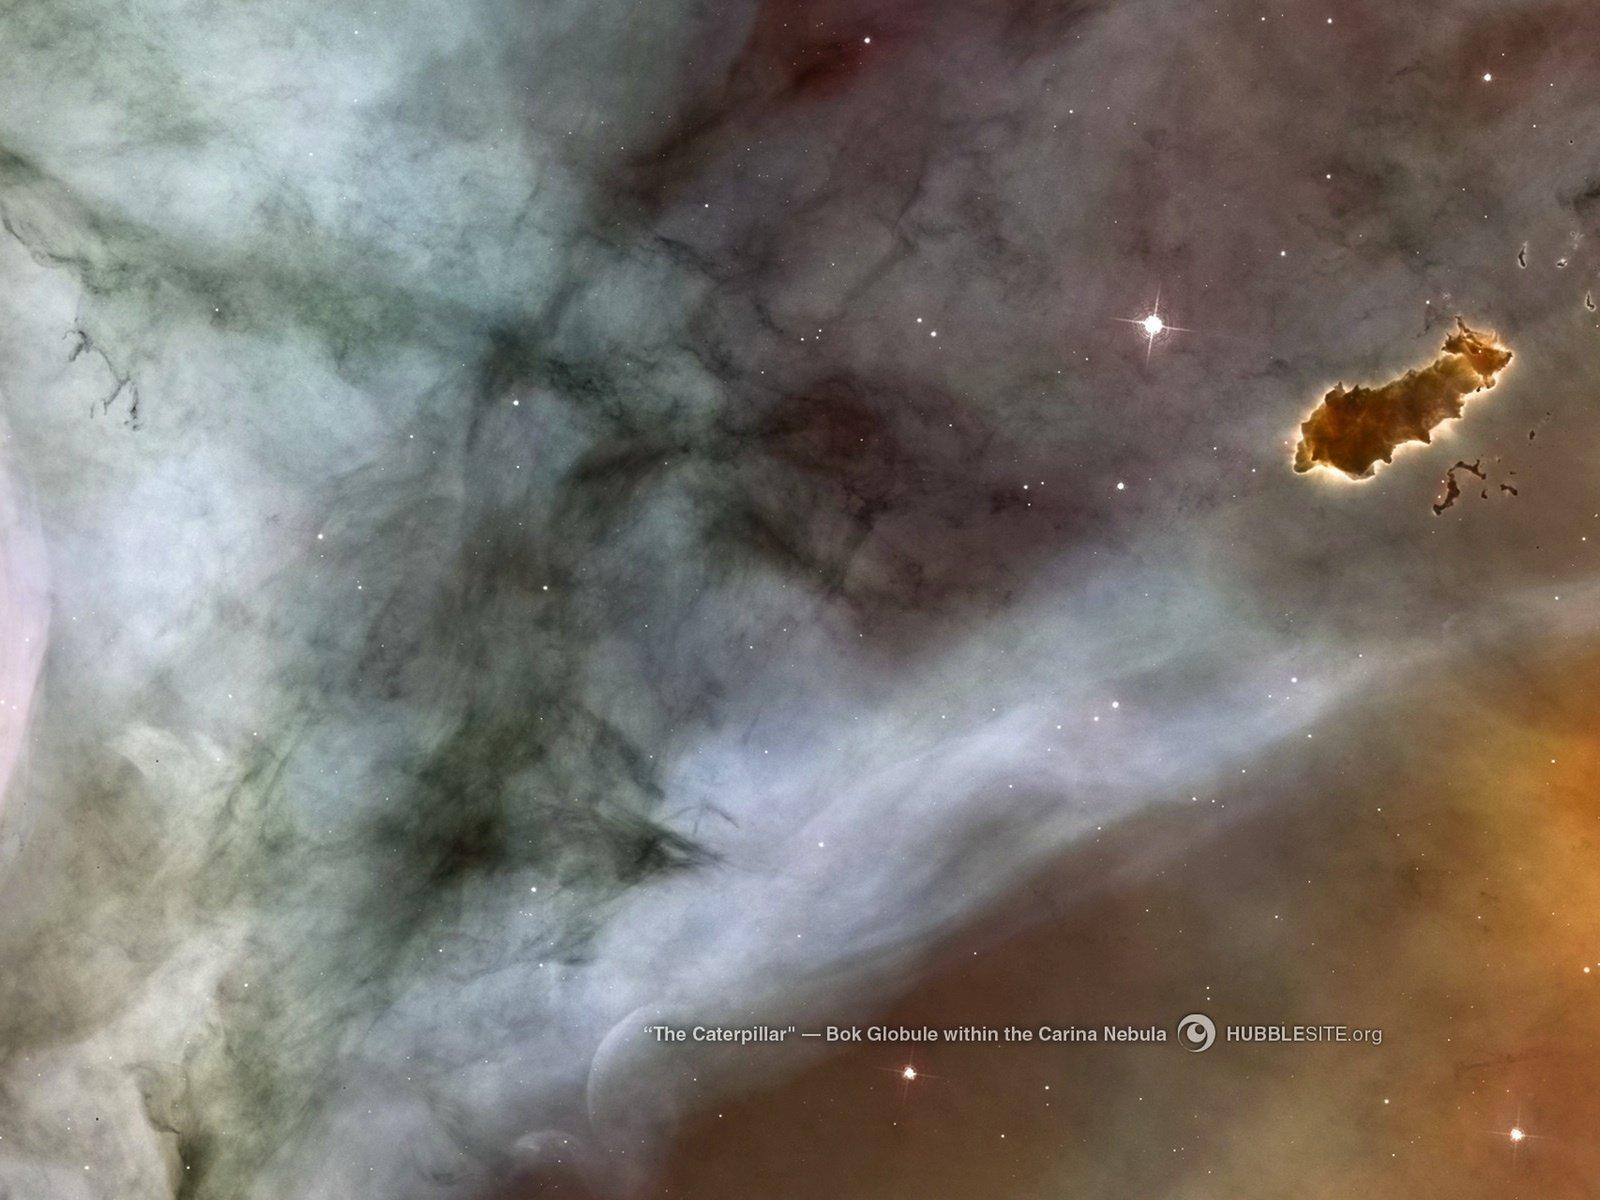 Immagine Hubble.org con un esempio di un ovulo di Bok che si trova dentro la ella nebulosa Carena, soprannominato - bruco - per il suo aspetto